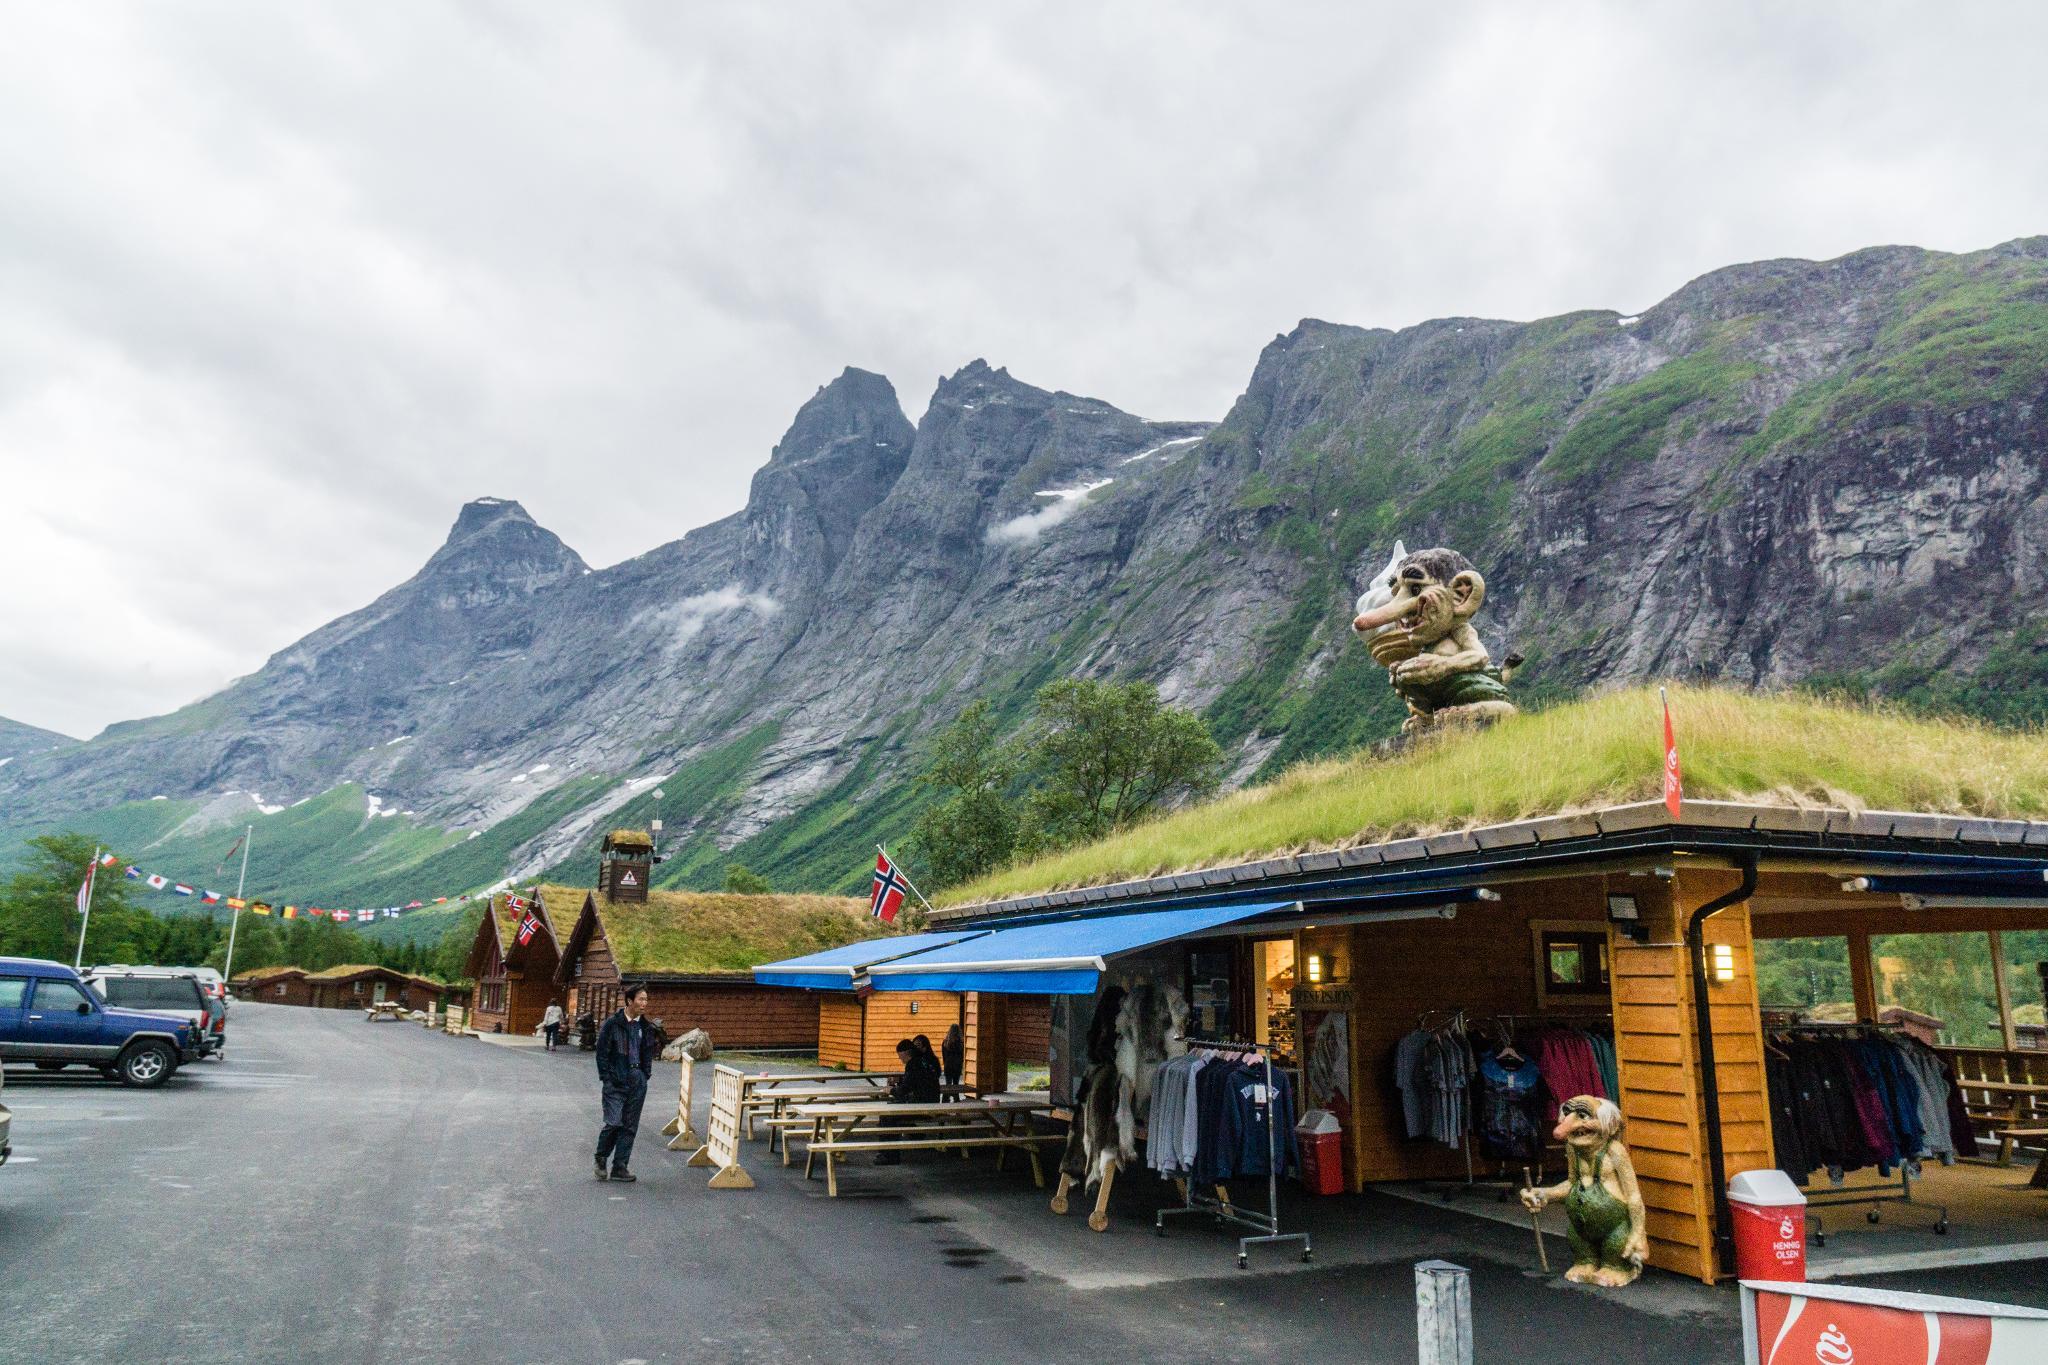 【北歐露營】在妖精出沒的峽谷中露營 - Trollstigen Camping 7